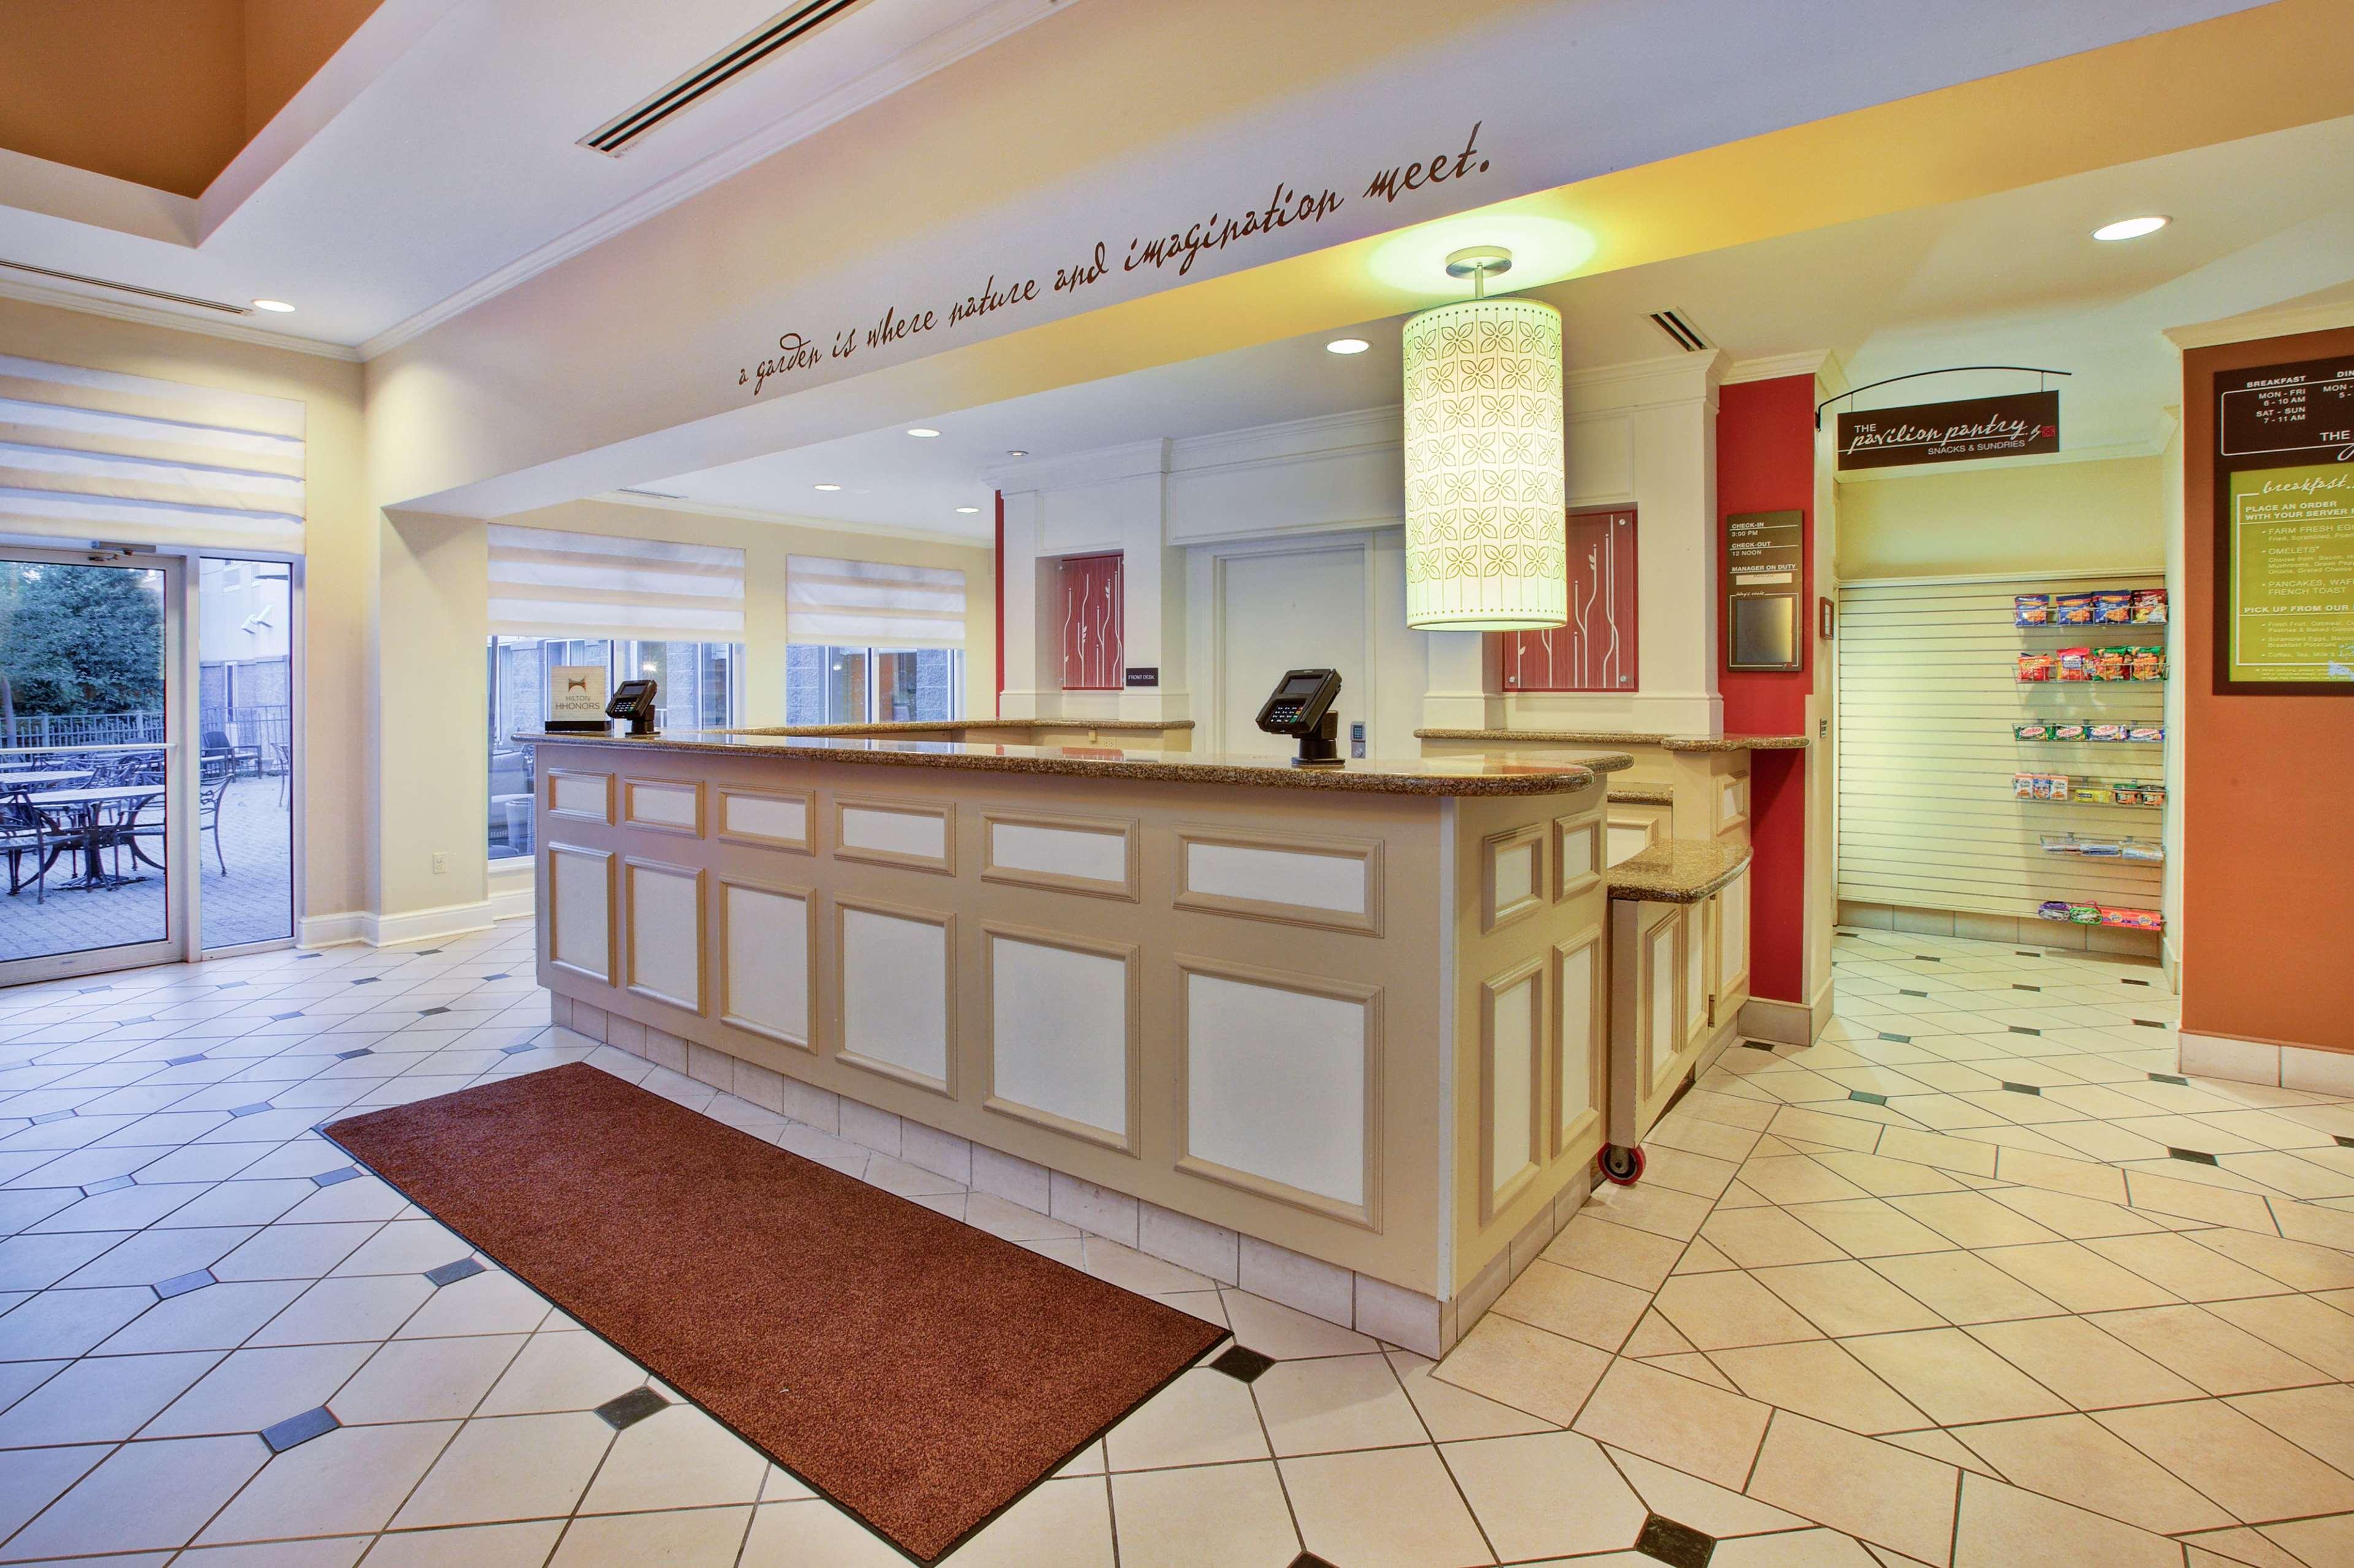 Hilton Garden Inn Chesterton image 3